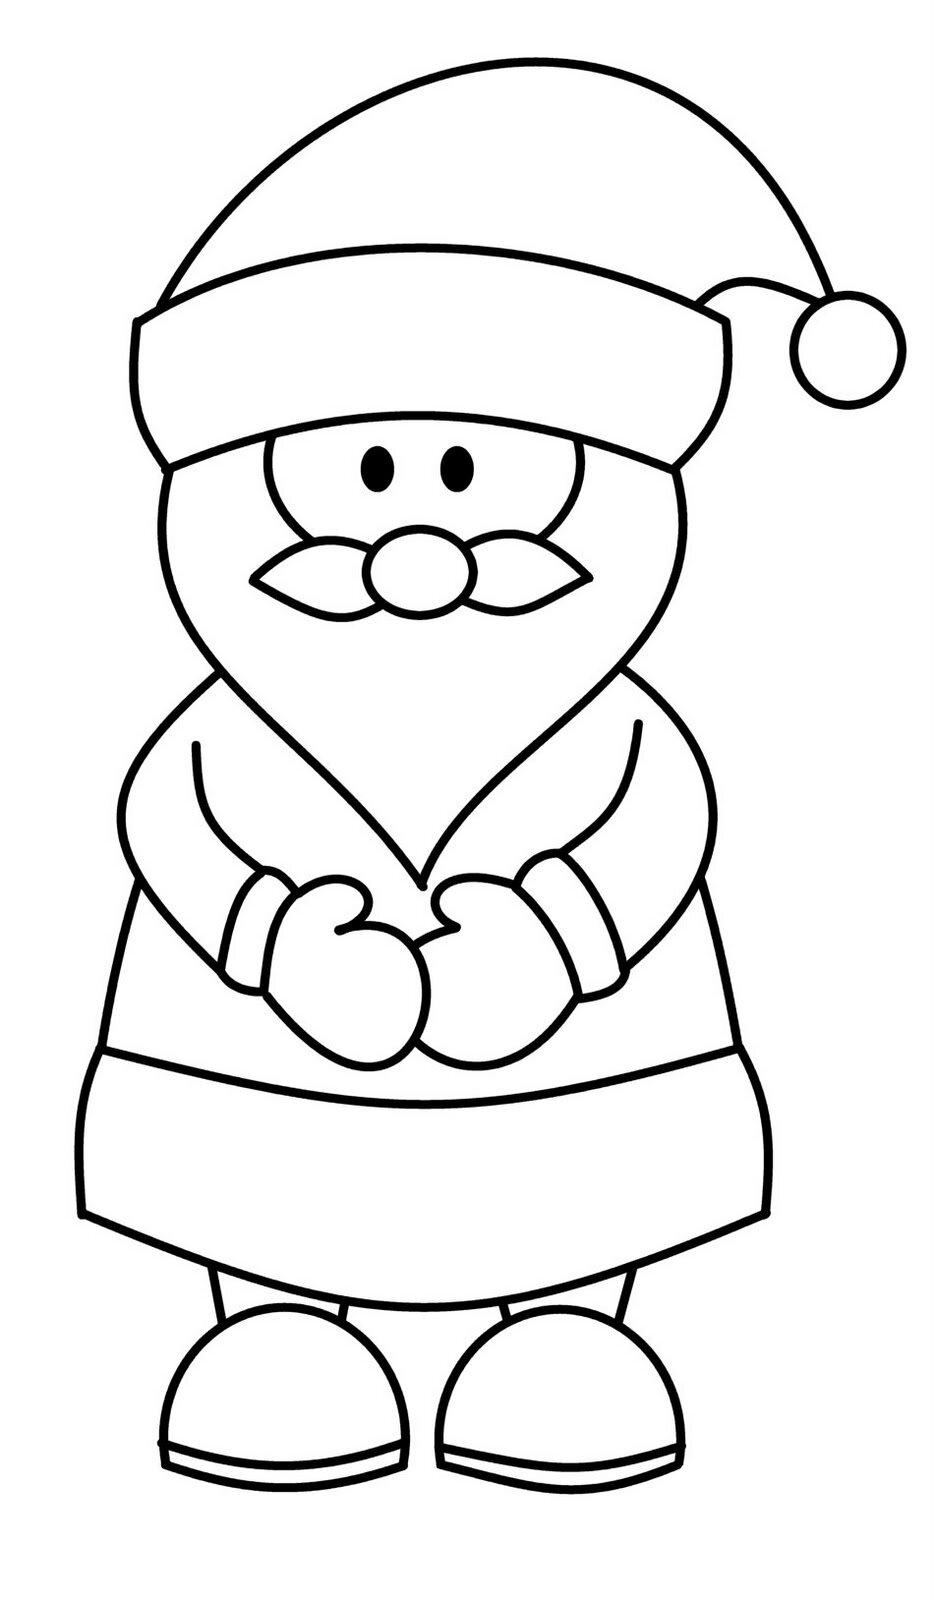 постройка рисунок деду морозу на новый год карандашом сердечно поздравляем